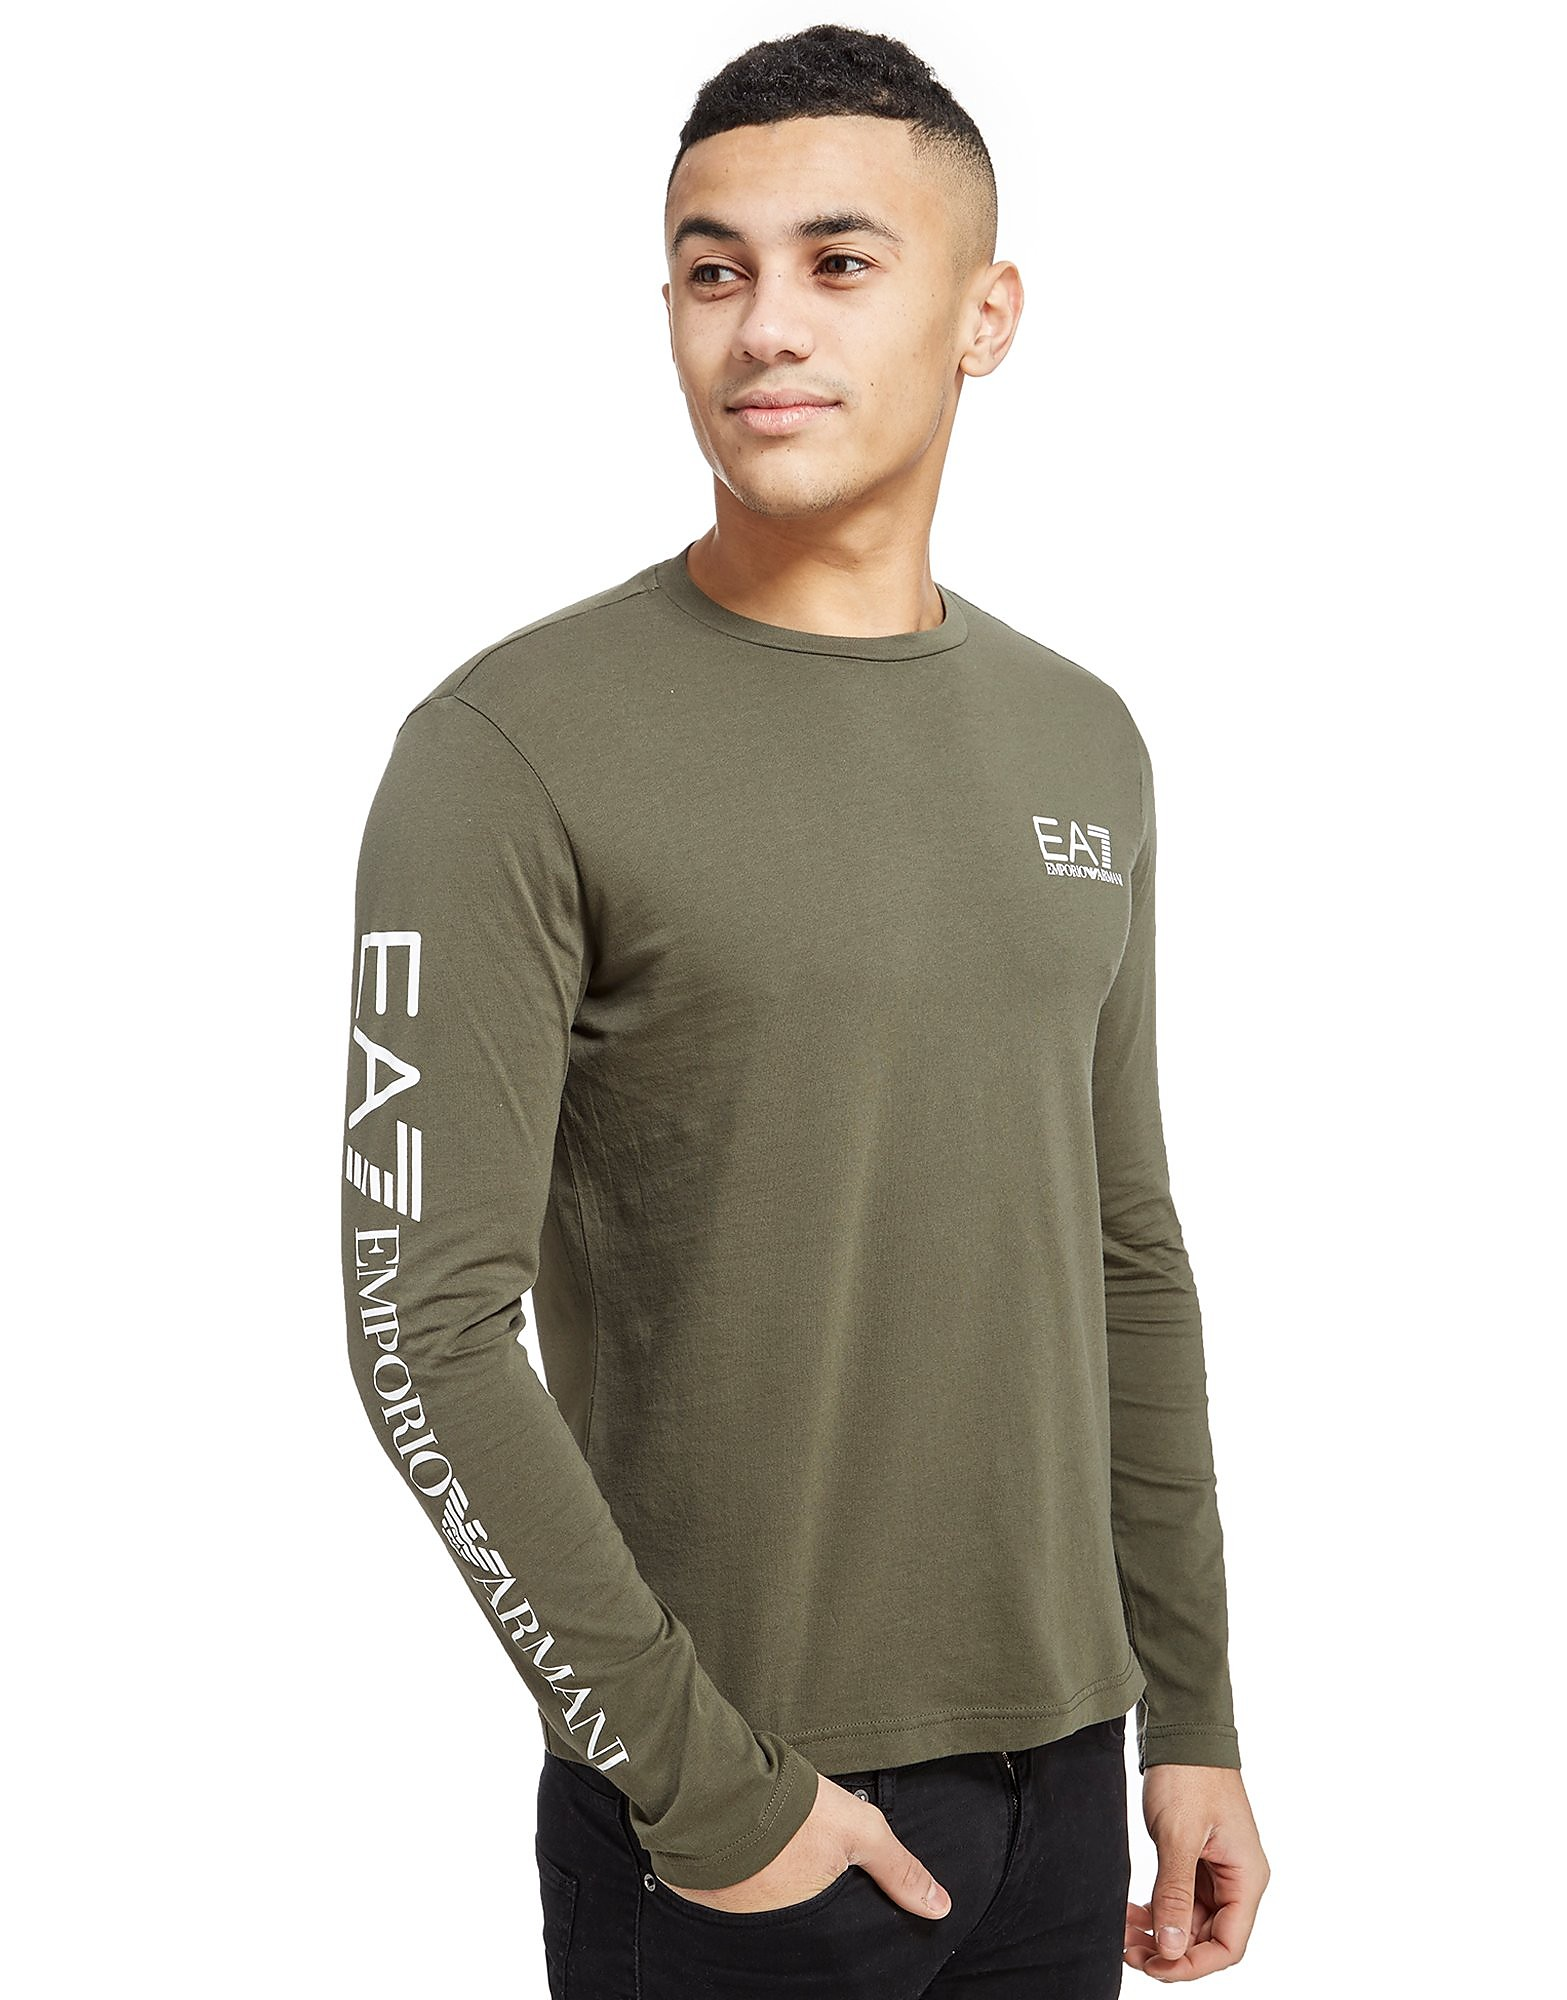 Emporio Armani EA7 Sleeve Logo Longsleeve T-Shirt